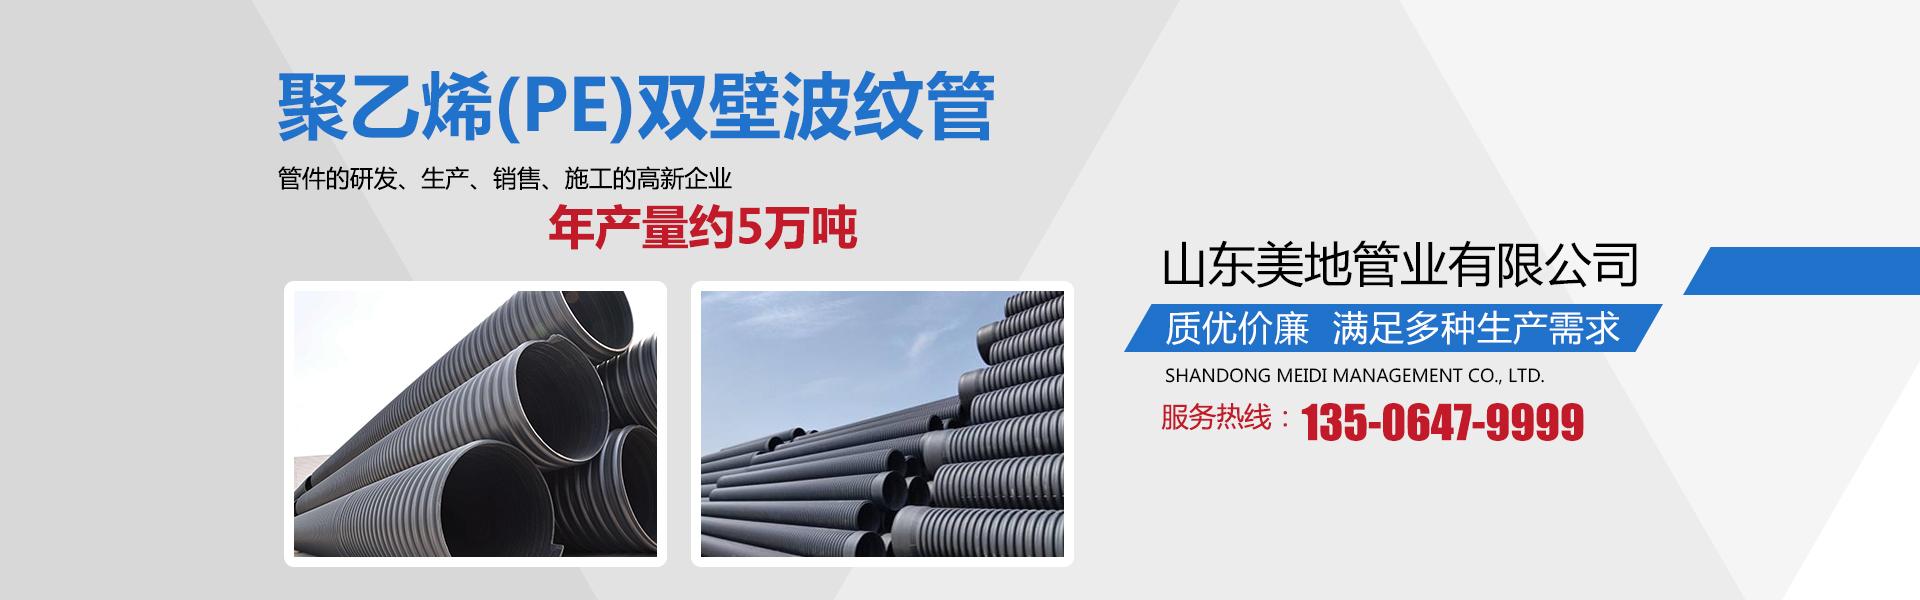 山東美地管業有限公司是一家從事塑膠管道,HDPE雙壁波紋管、HDPE鋼帶增強螺旋波紋管、管件的研發、生產、銷售、施工的高新企業。